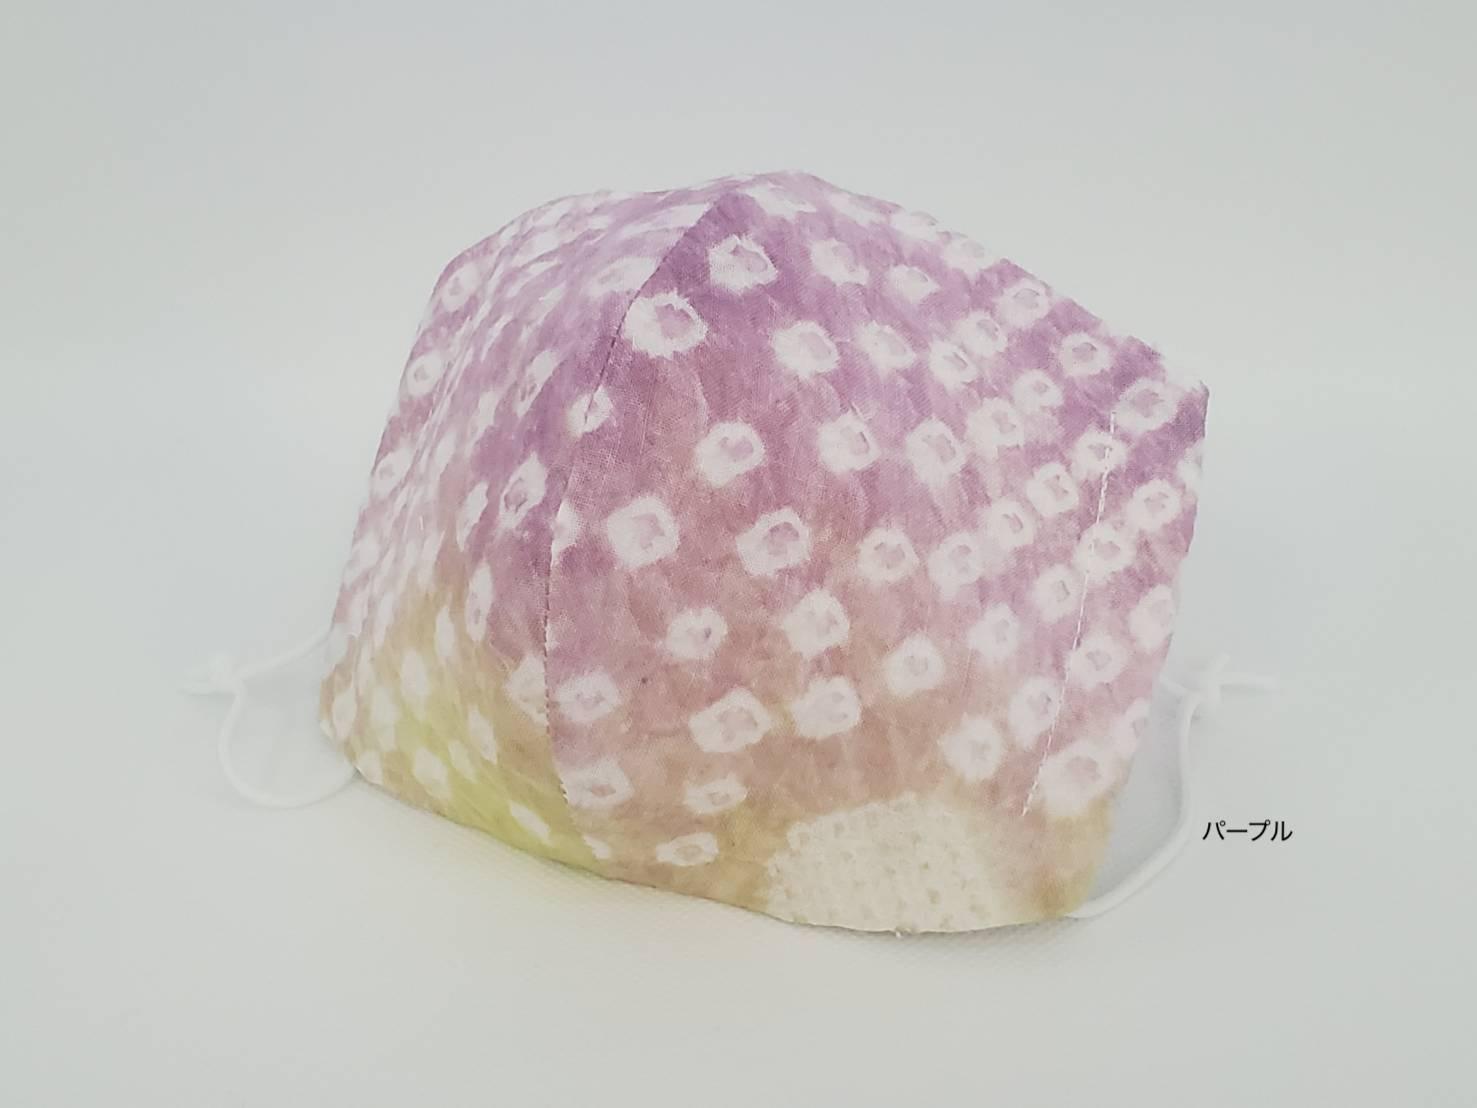 ナノプラチナ加工 接触冷感素材有松絞りマスク